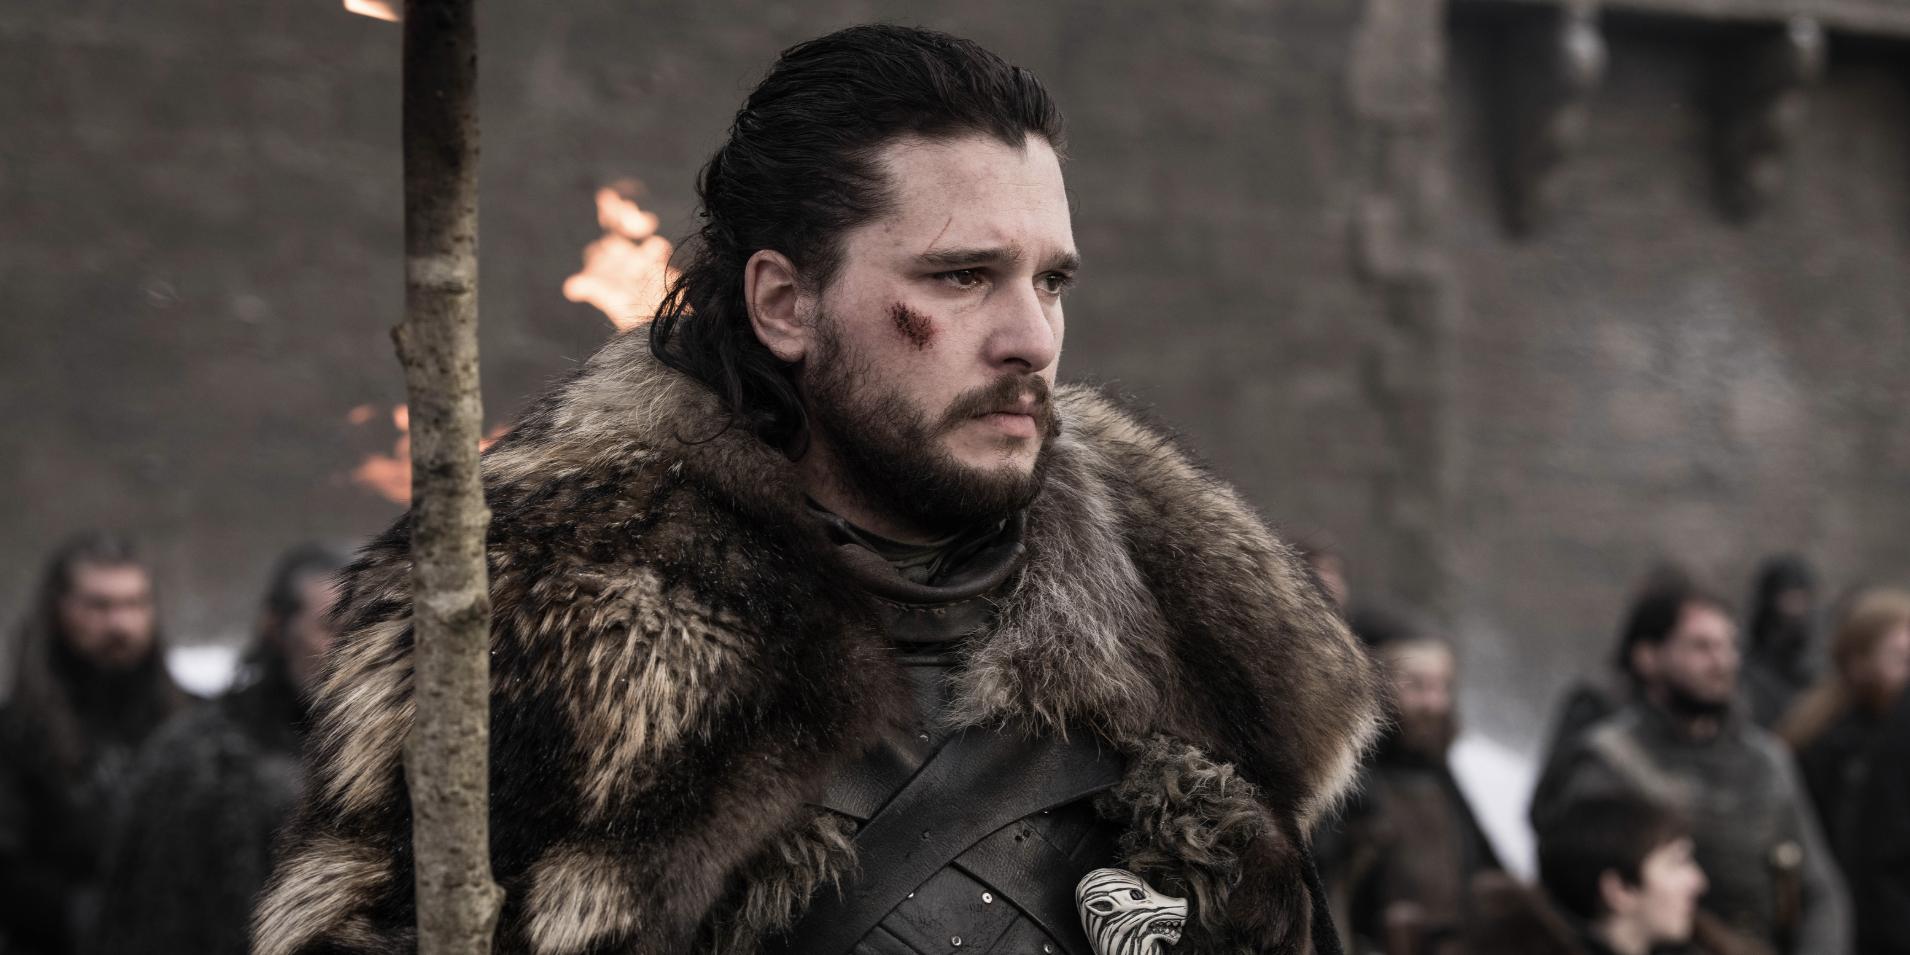 Game of Thrones season 8, episode 4: Jon Snow